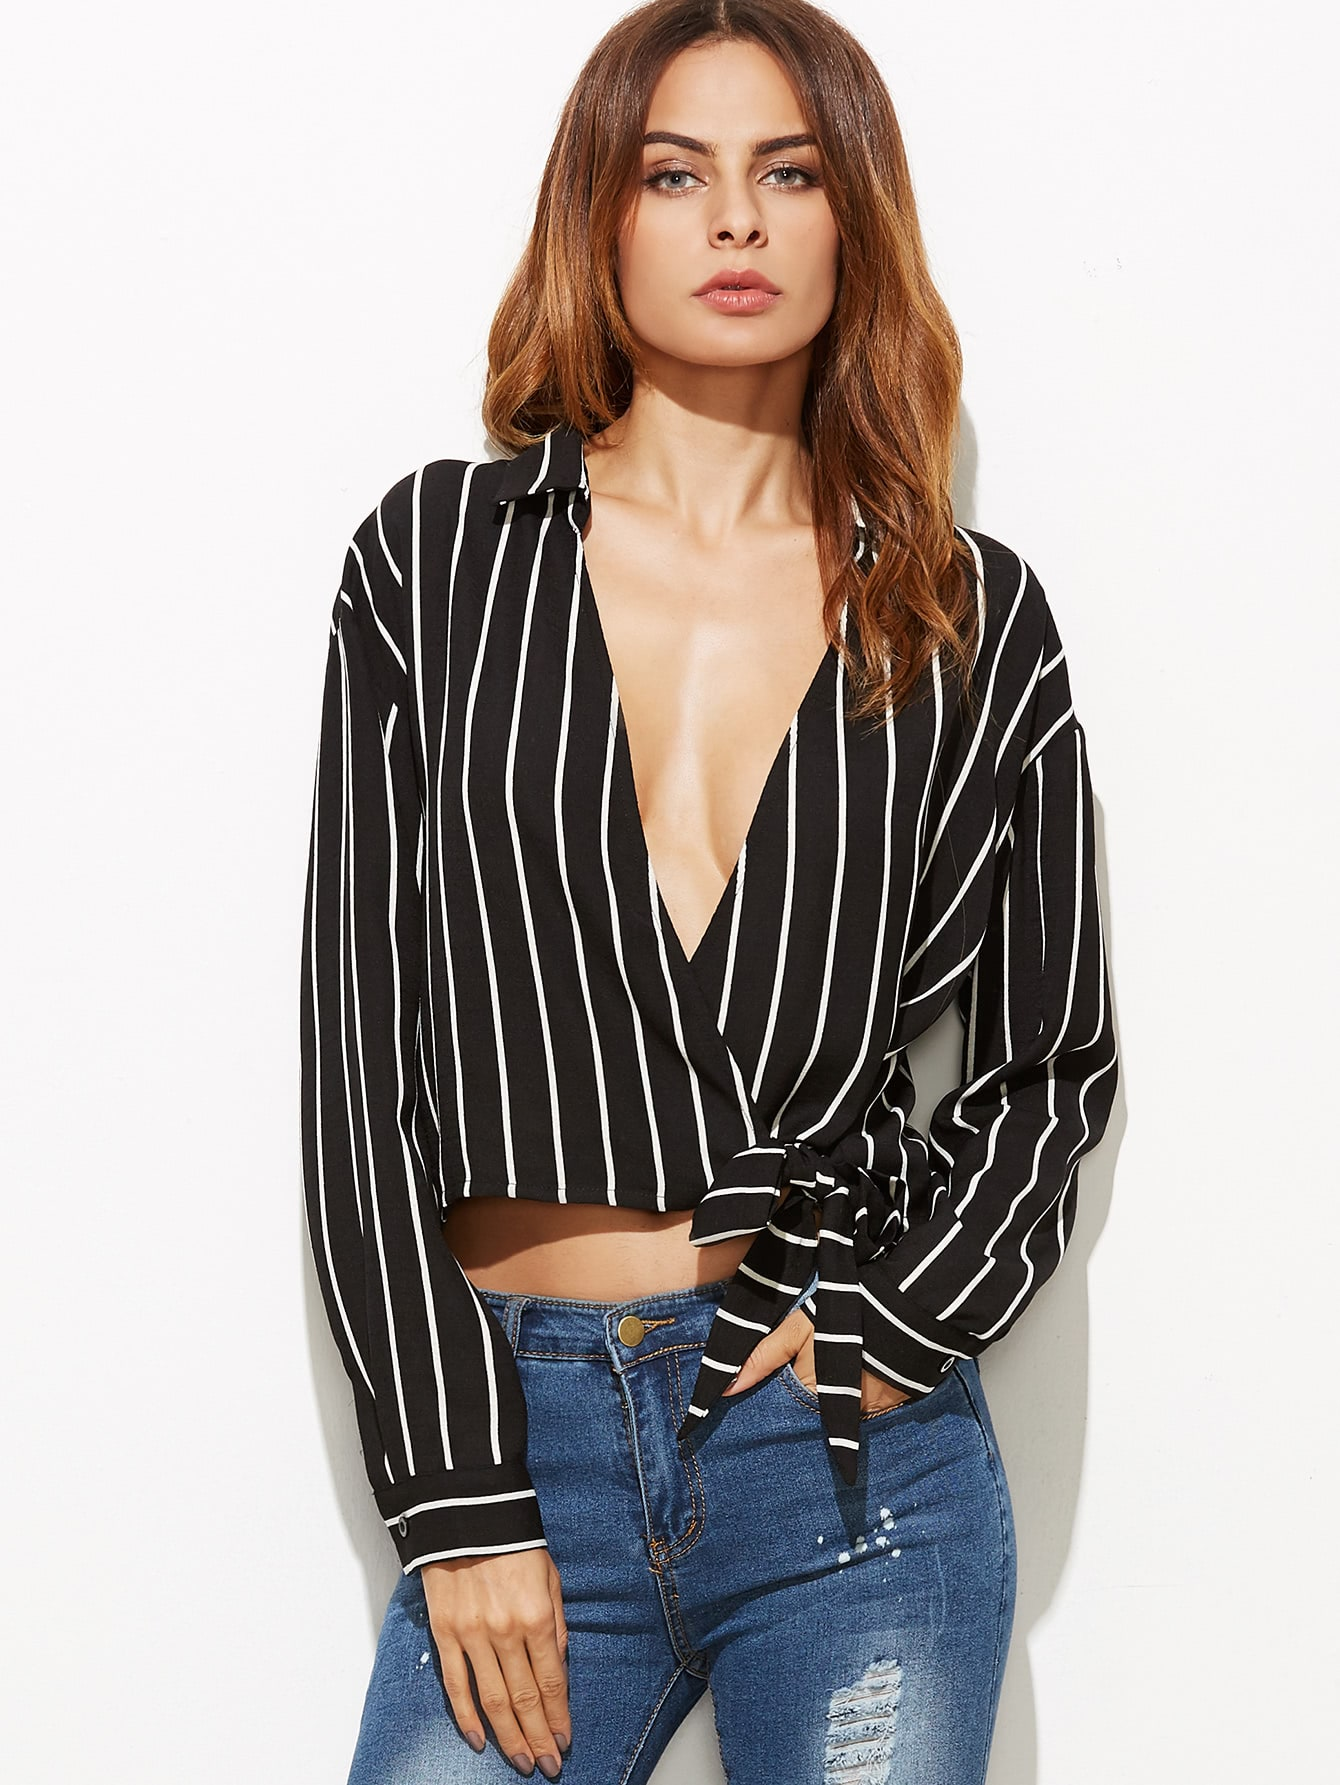 Black Vertical Striped Plunge Surplice Wrap Blouse blouse161101707